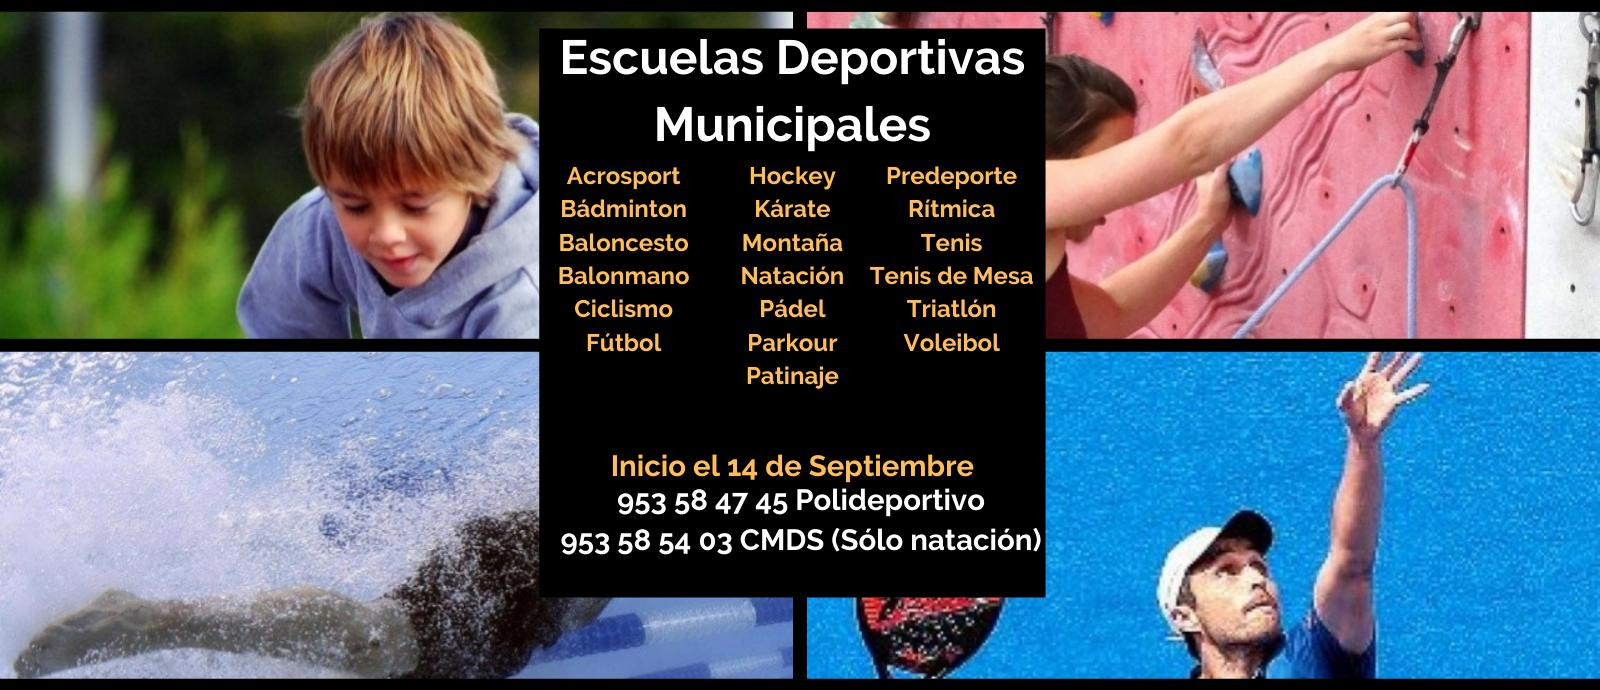 ESCUELAS-DEPORTIVAS-MUNICIPALES